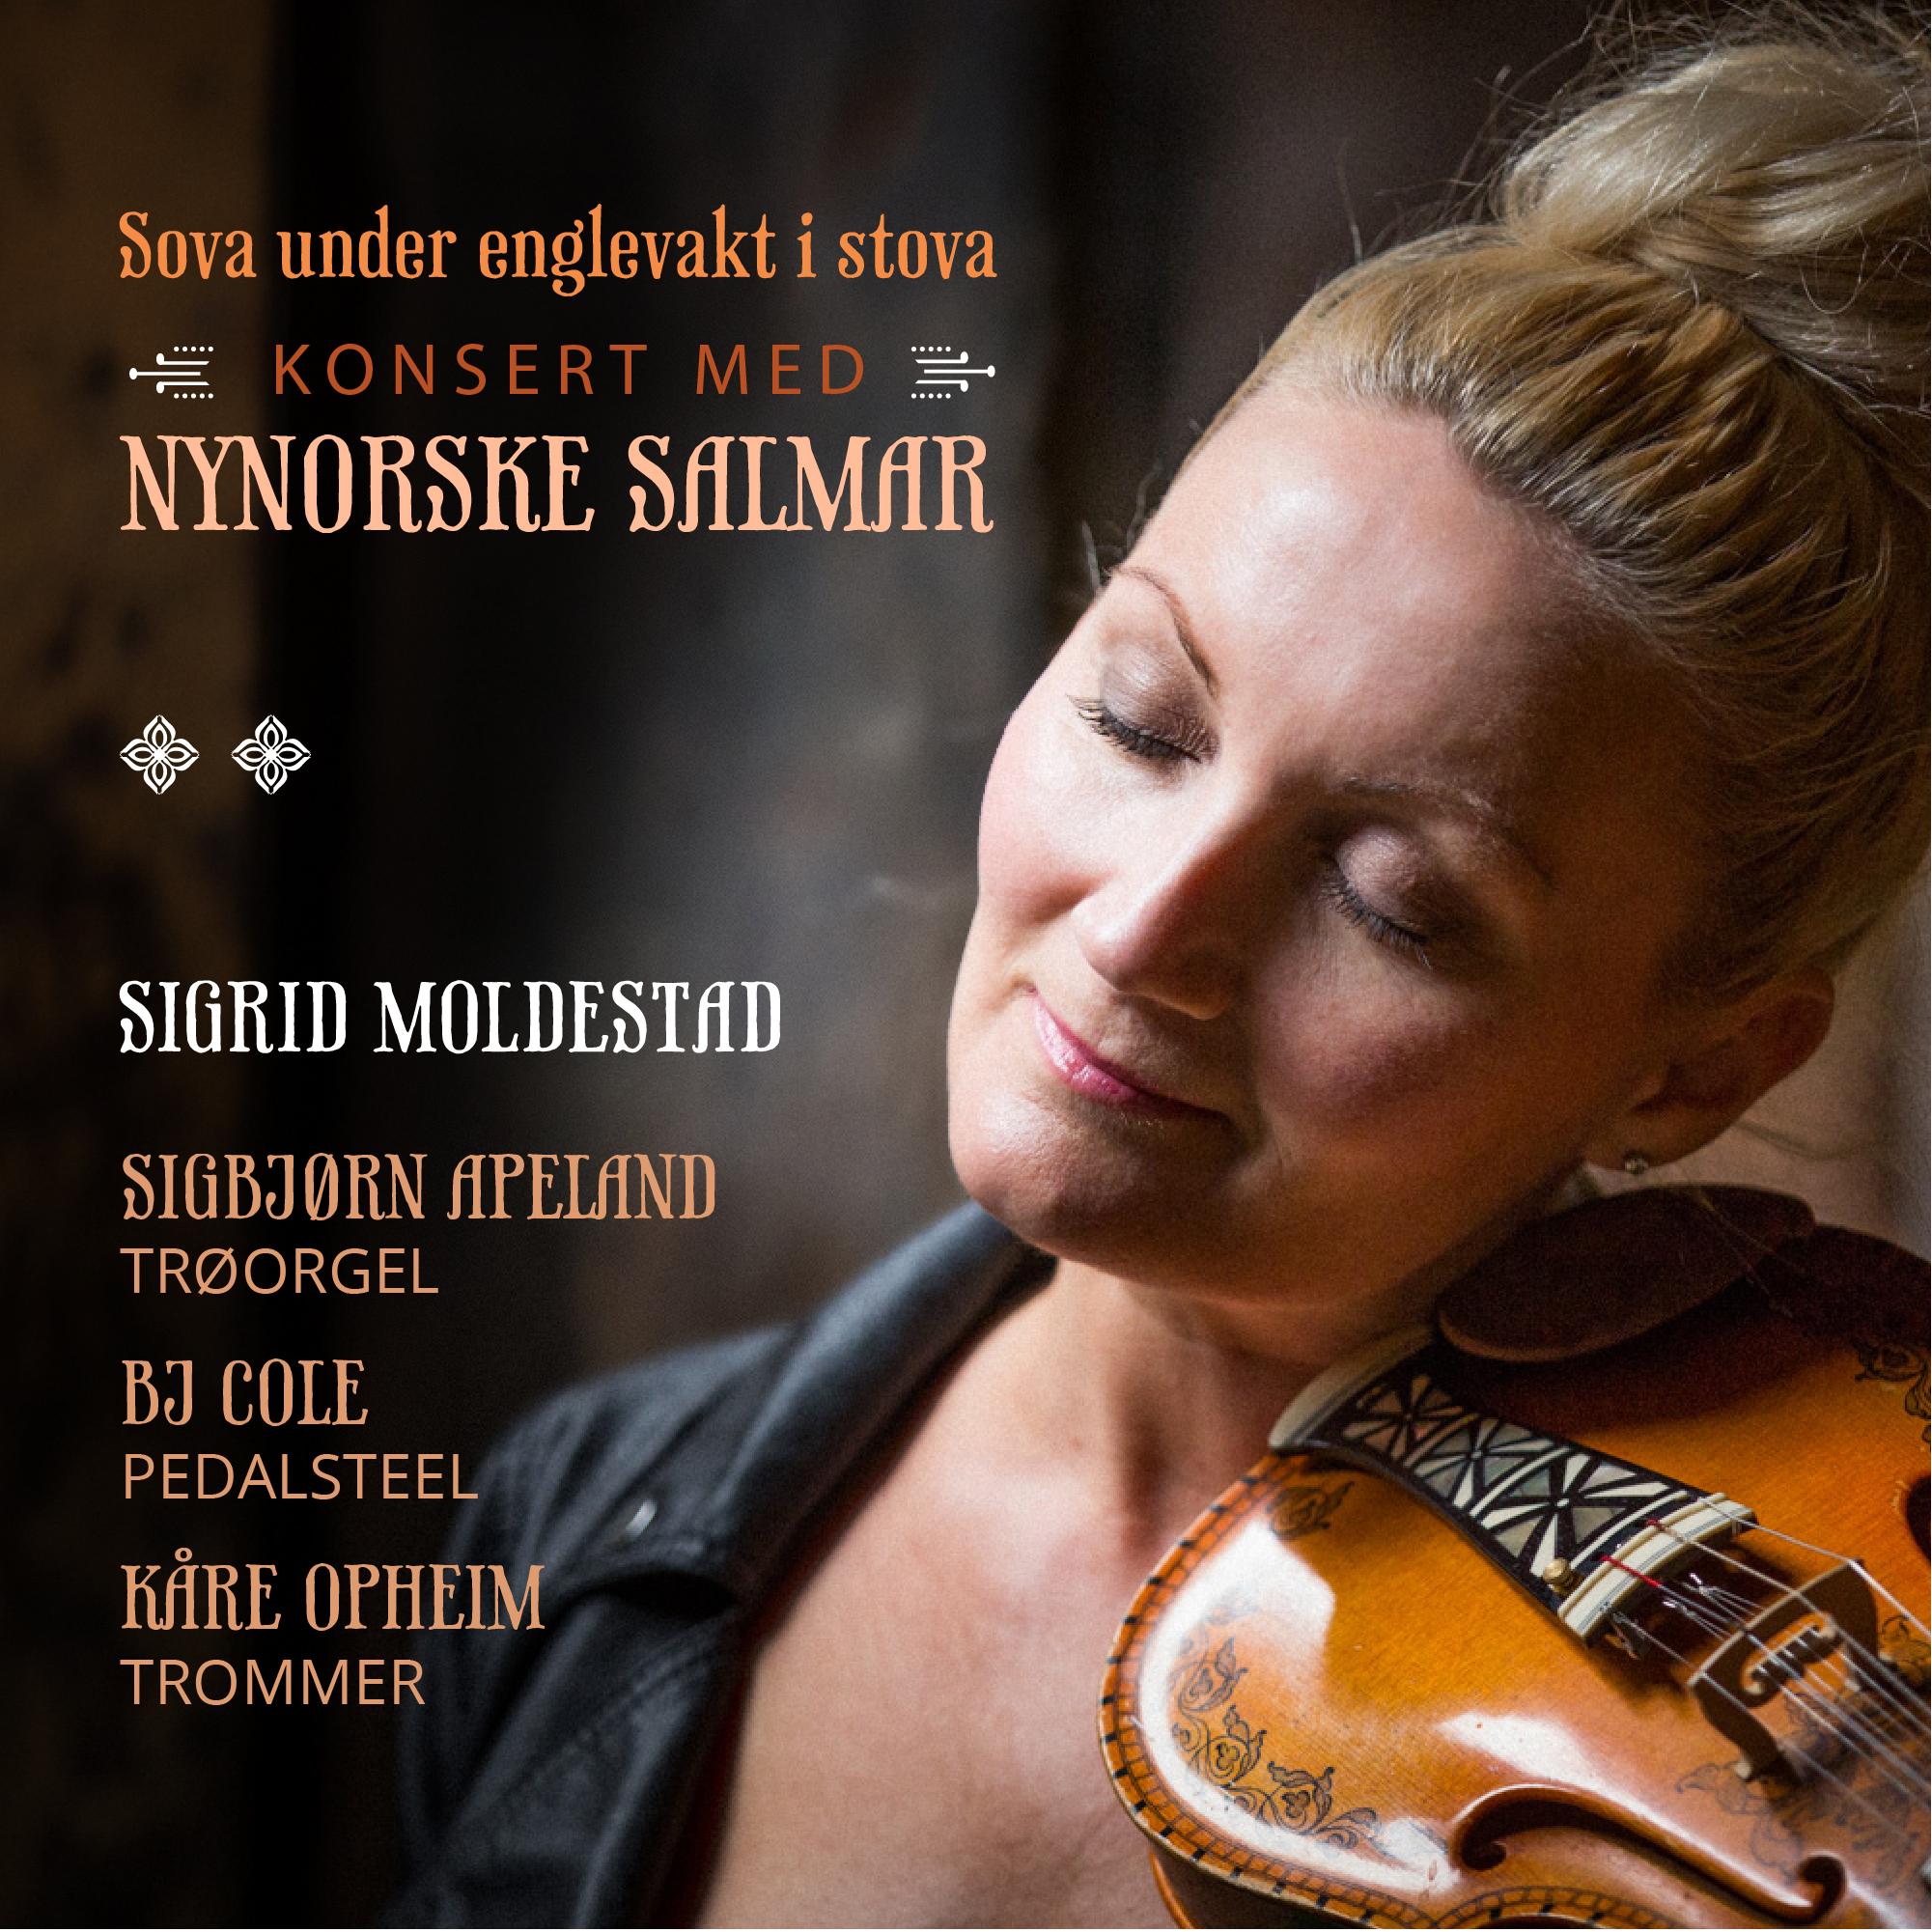 Sigrid Moldestad. FOTO: Magnus Skrede